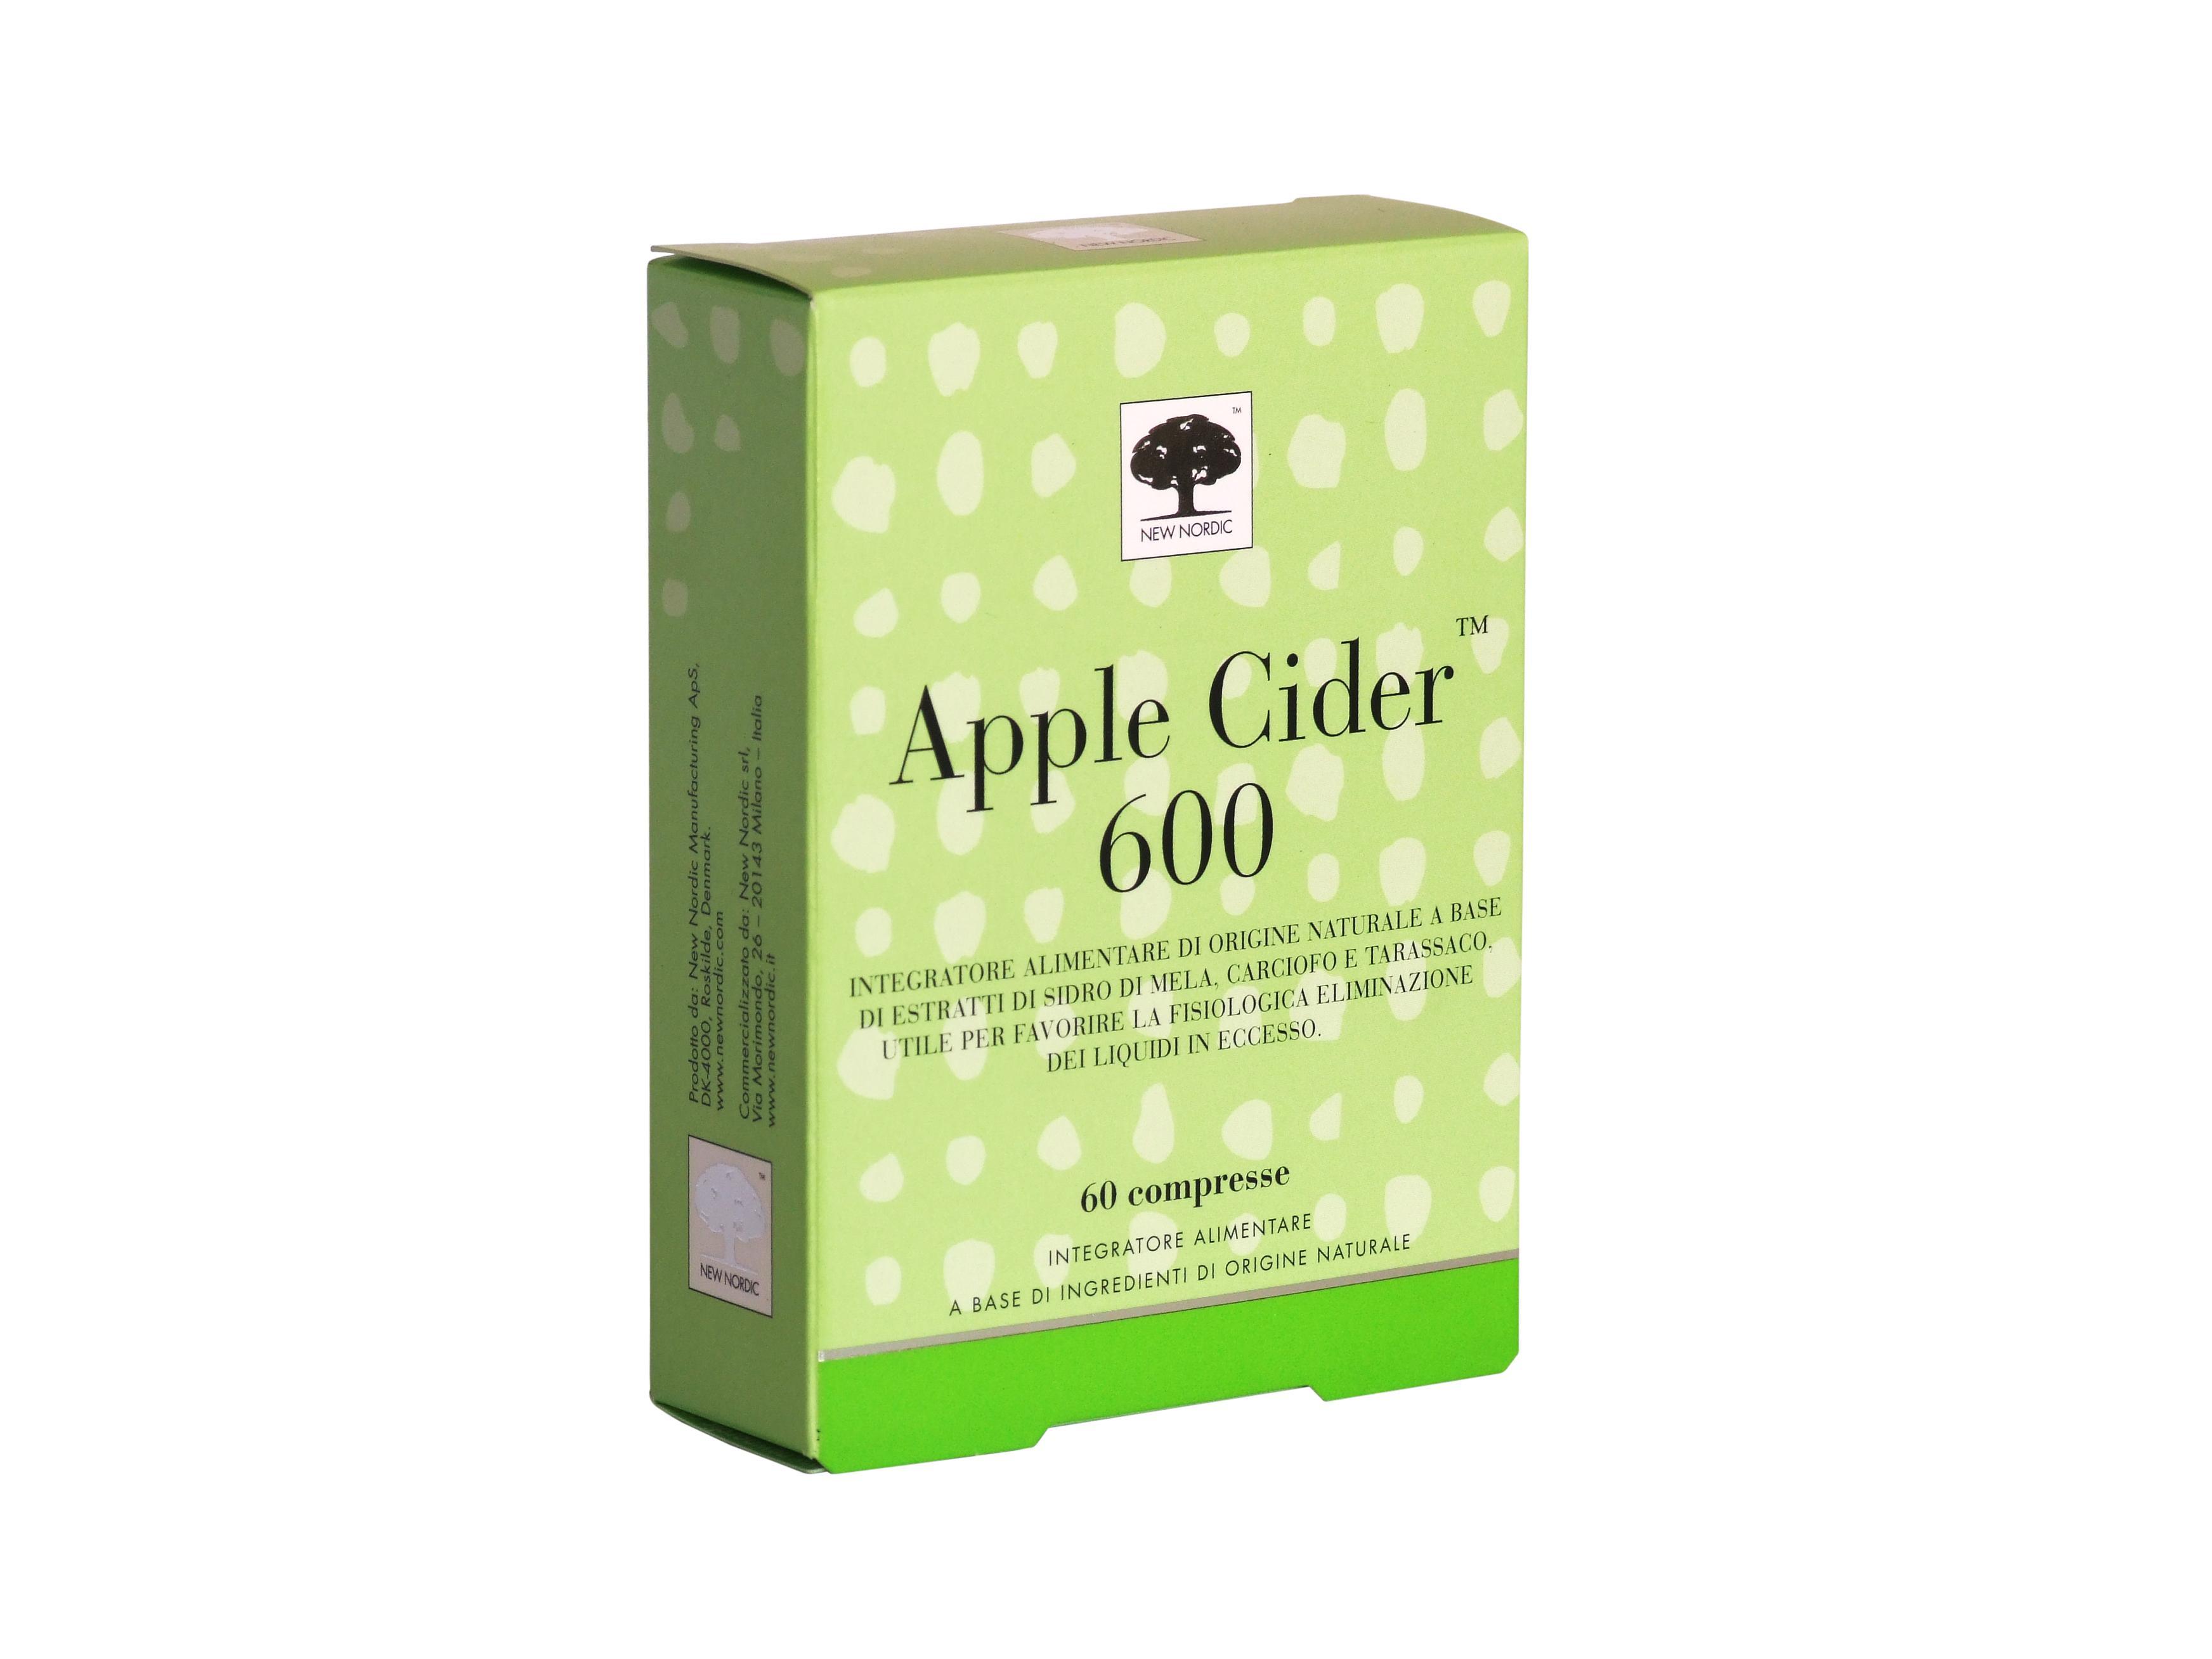 APPLE CIDER 600 • 60/100 compresse